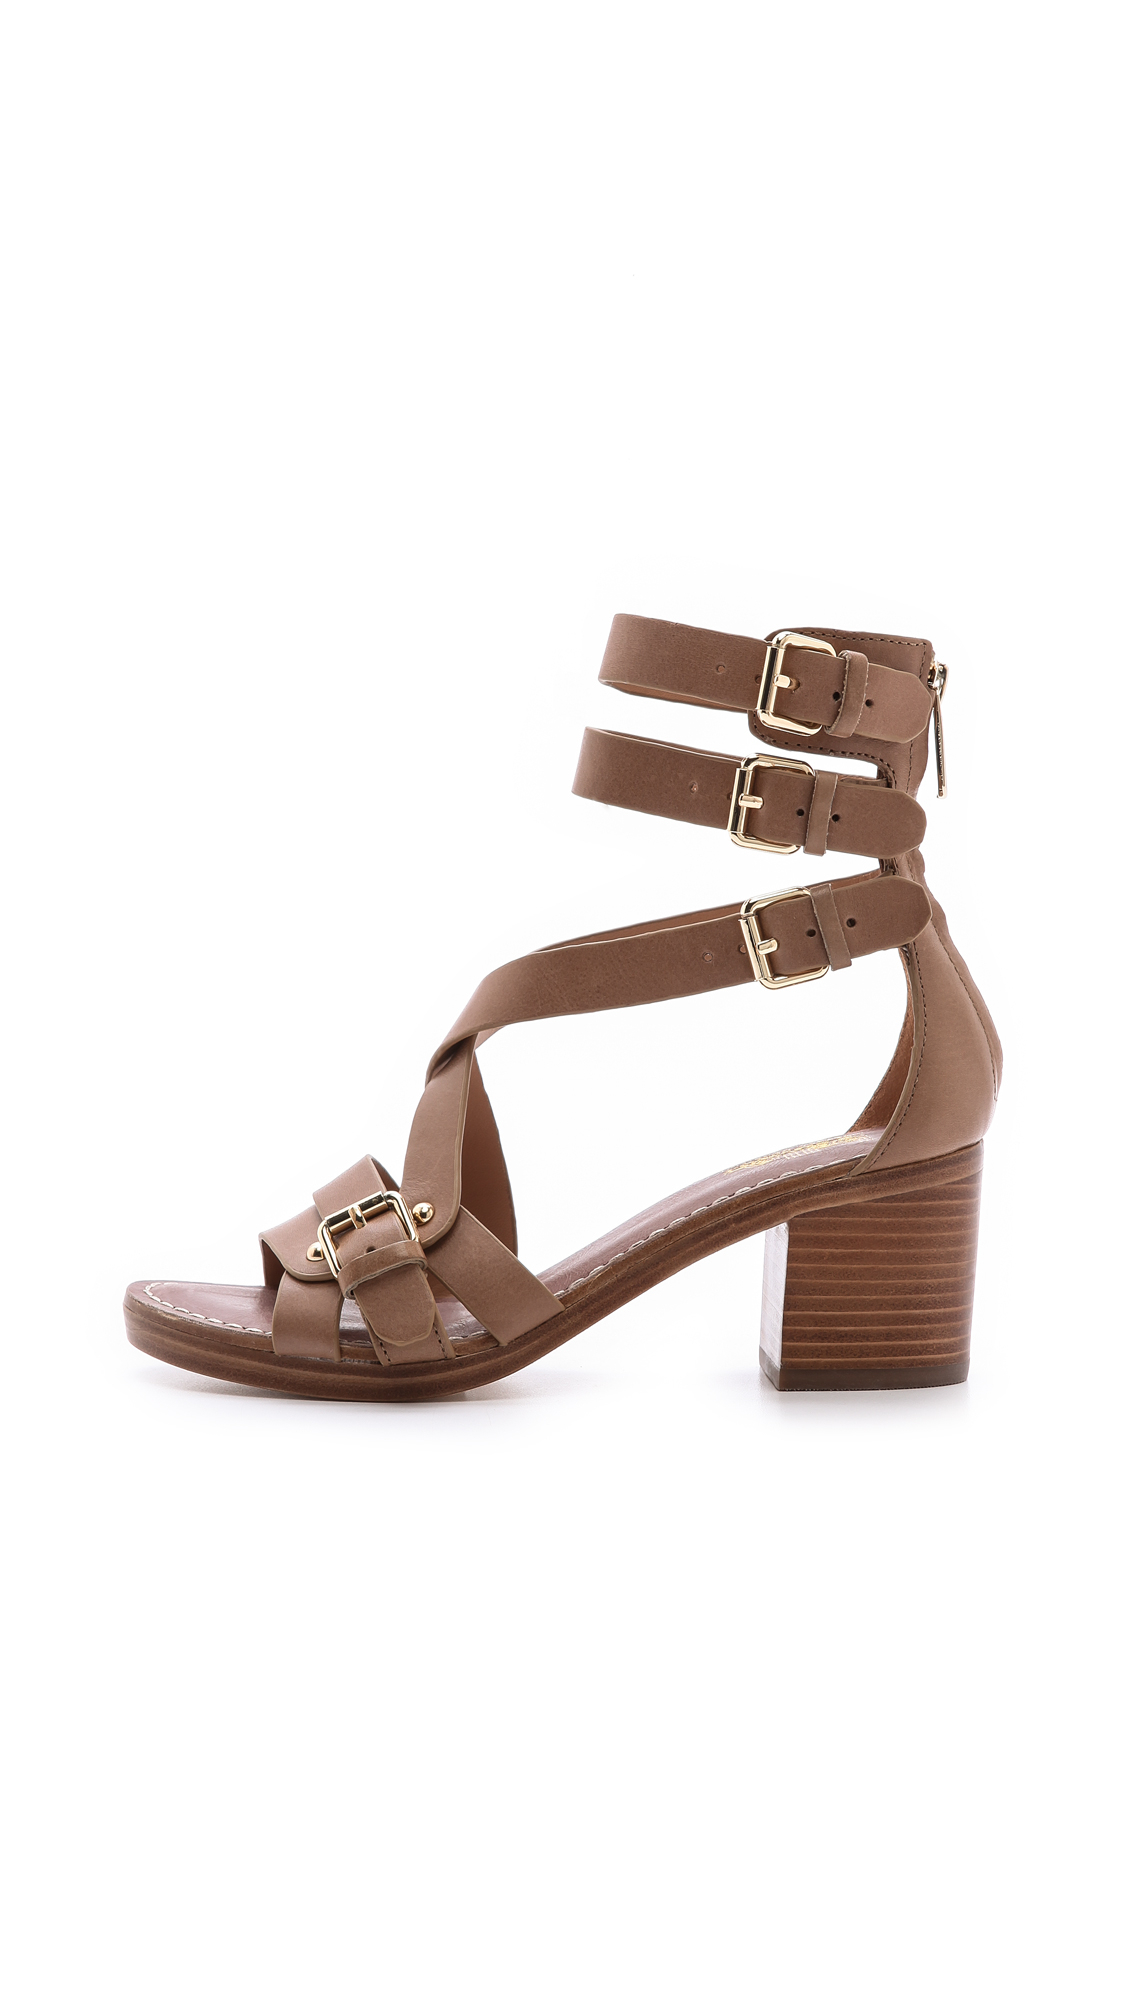 Belle by Sigerson Morrison Block heel sling back sandals N8AsicKMw3